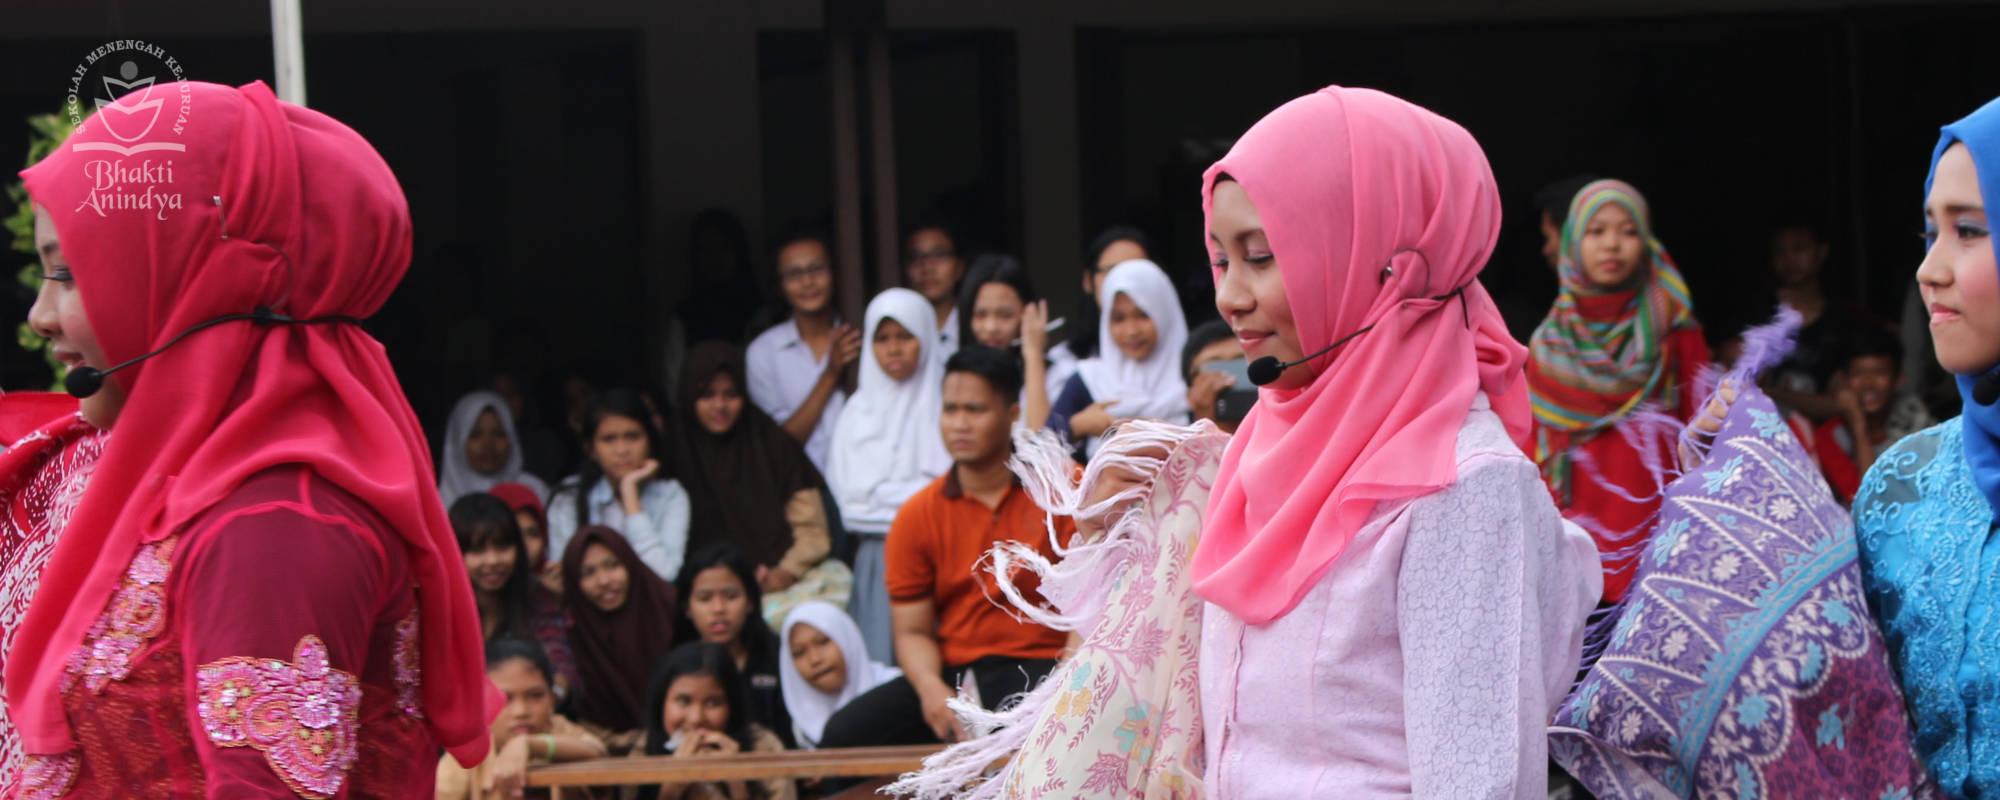 ekskul teater SMK Bhakti Anindya Tangerang